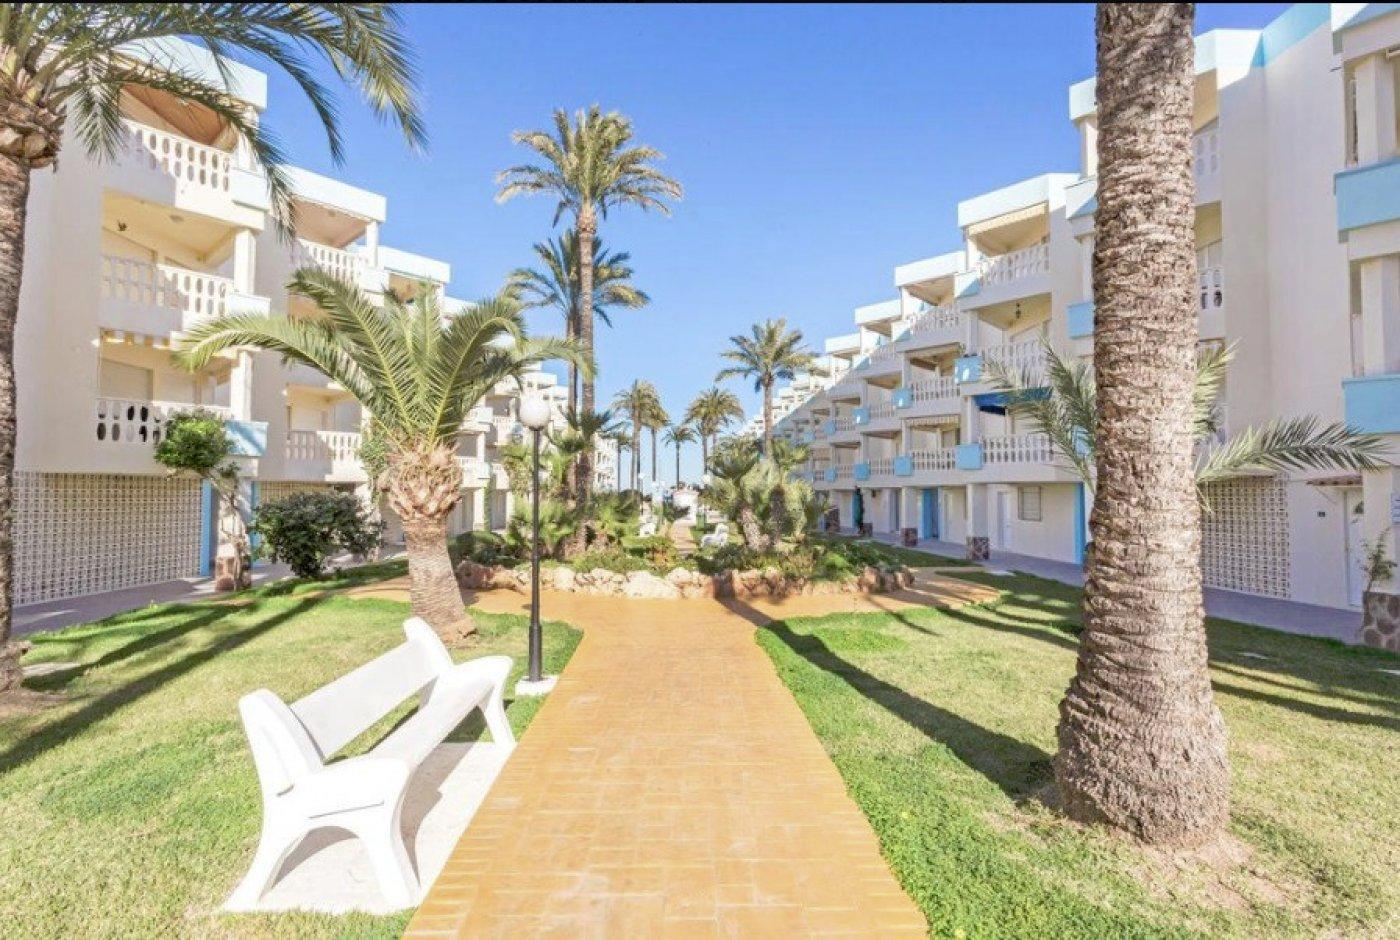 Fotogalería - 3 - ADAL Denia - Inmobiliaria - Apartamentos - Pisos - Chalets en Denia